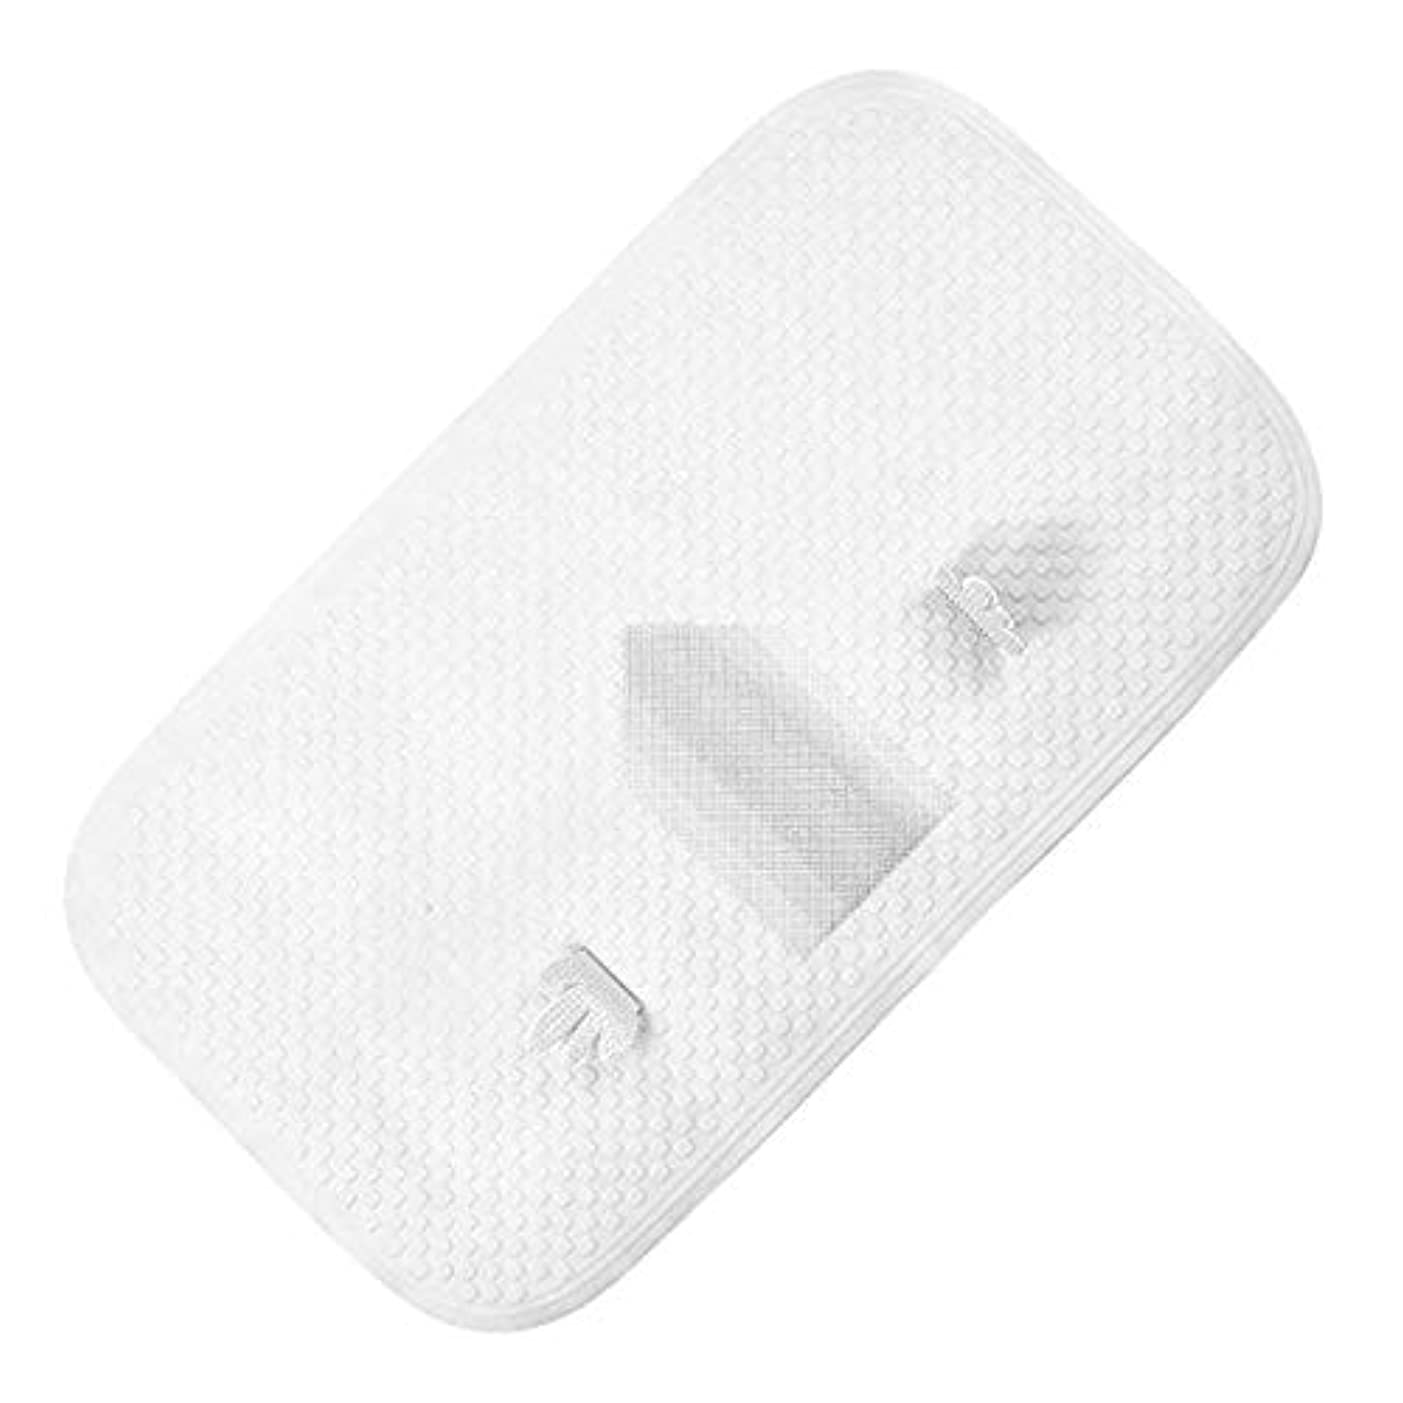 揃える抜粋デンマーク語Jhua 滑り止めバスタブマット、TPEフットマッサージバスマット、浴室用抗菌防カビシャワーマット(白)